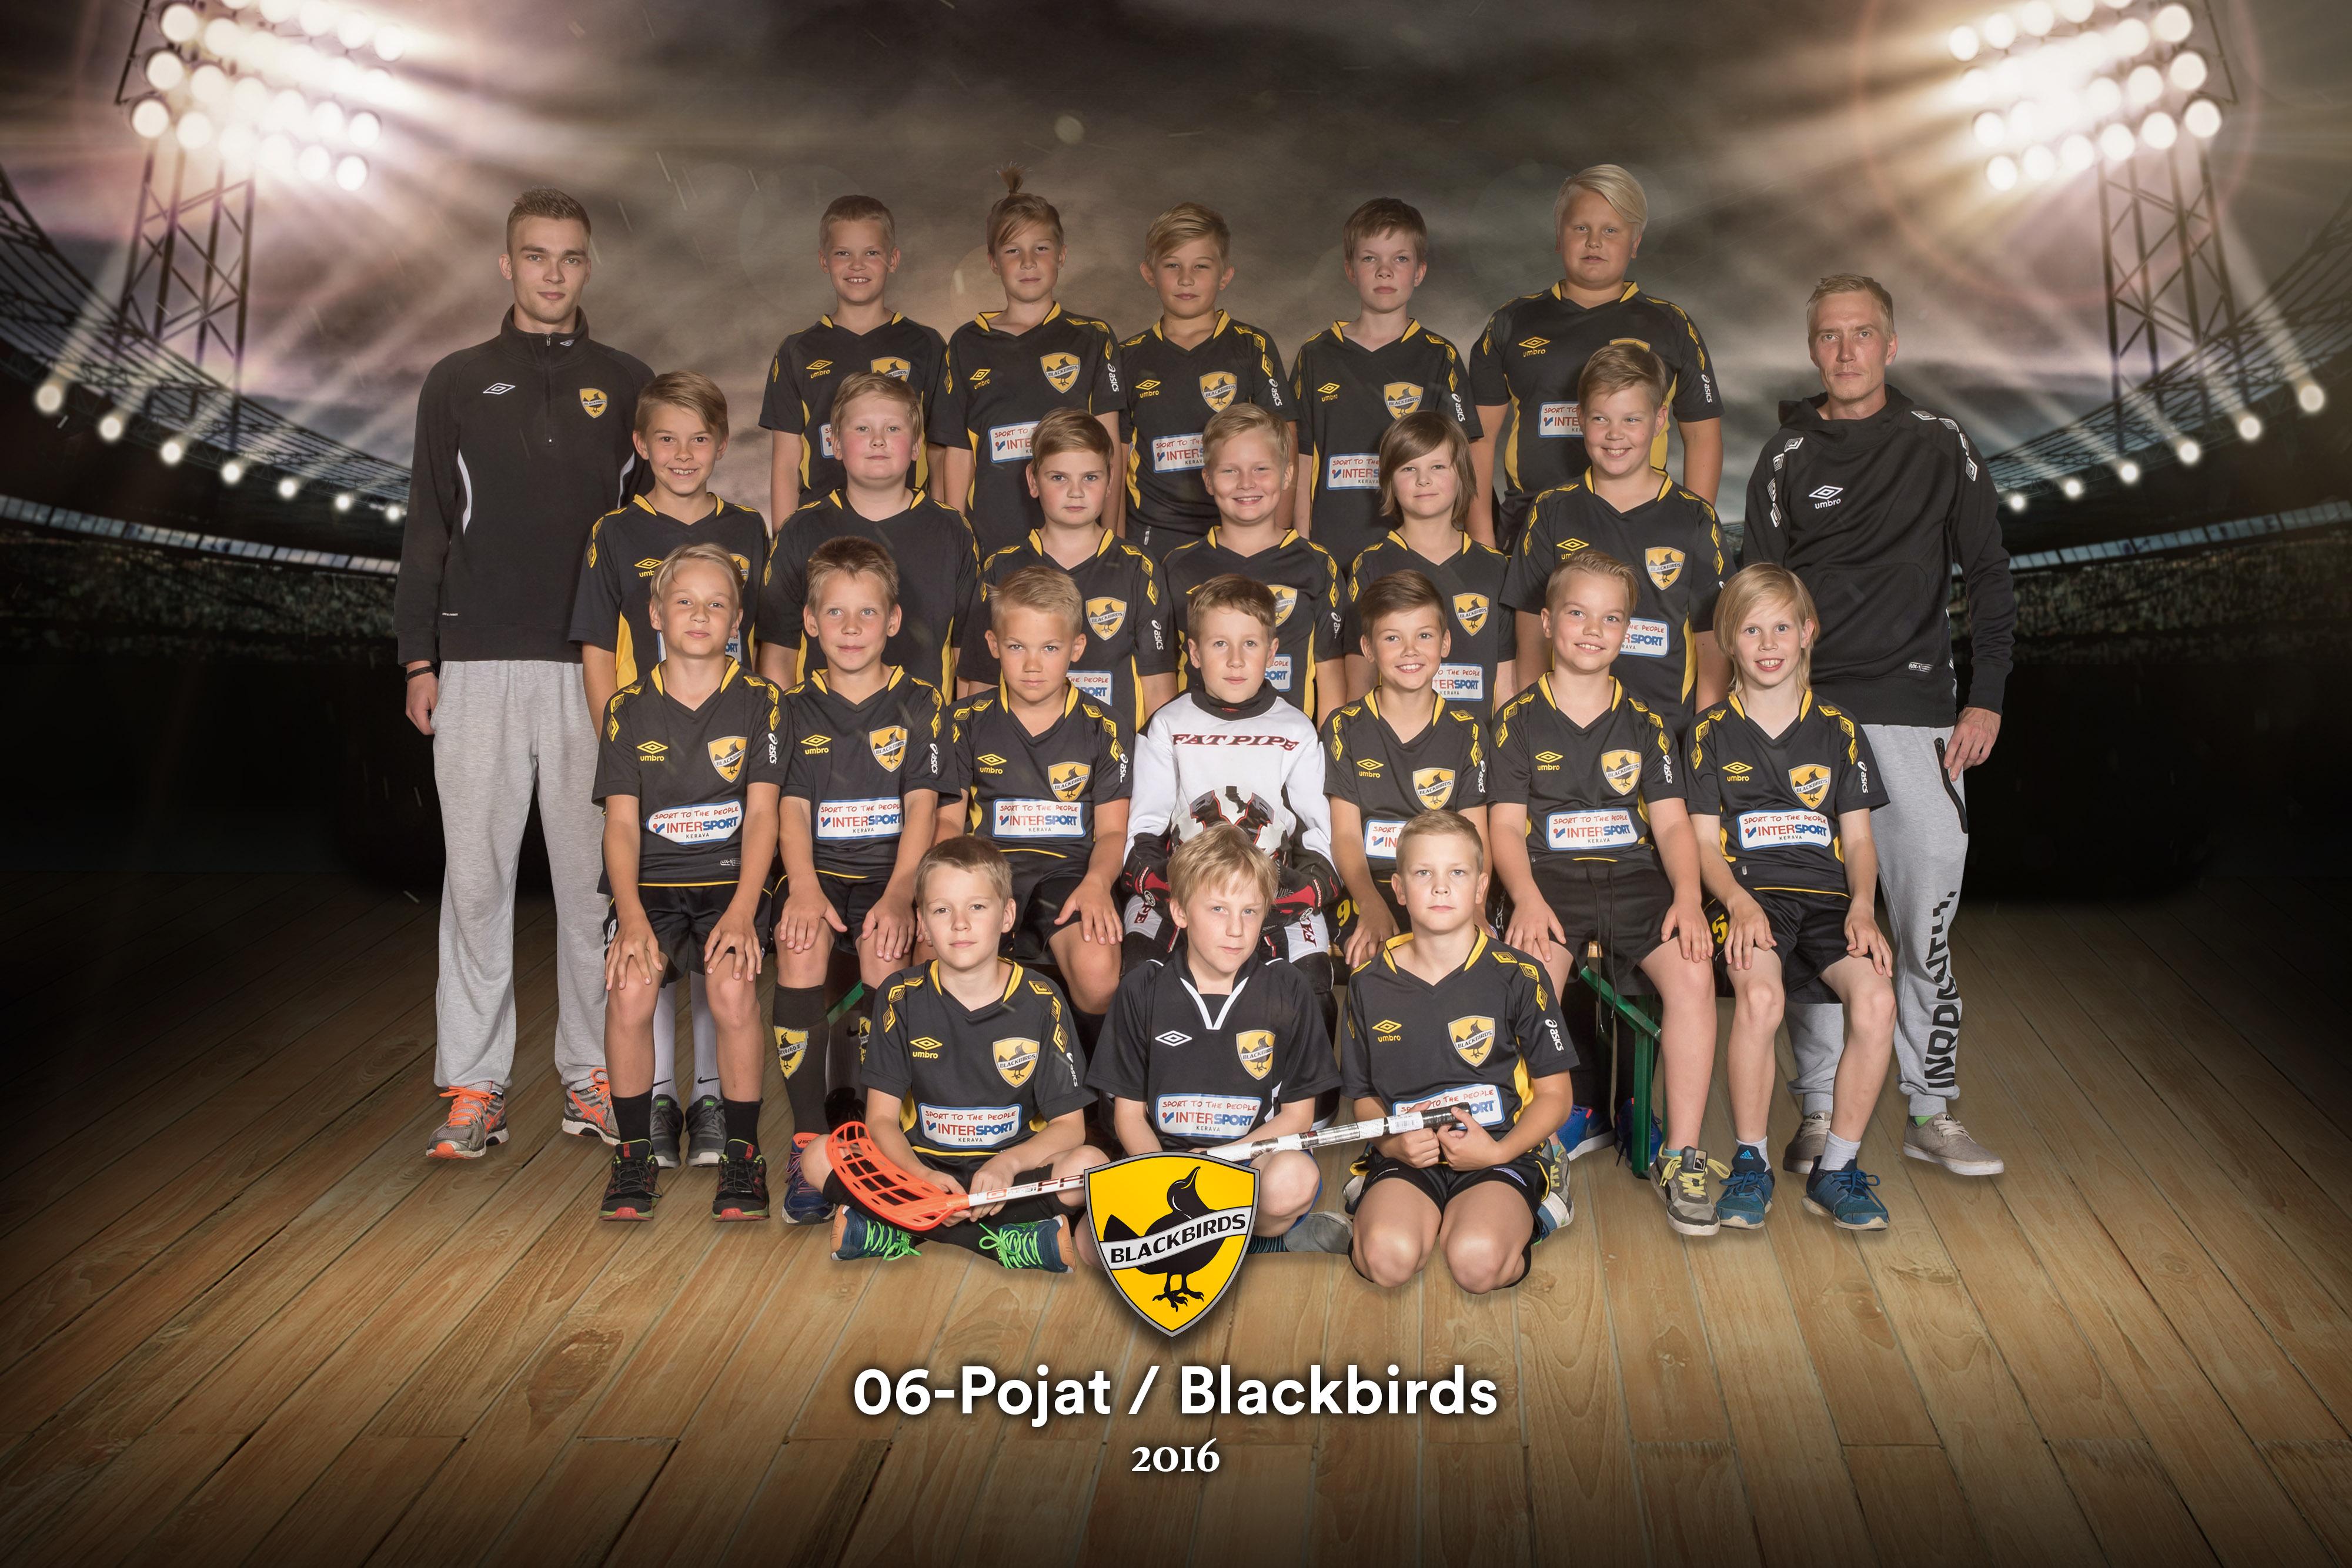 Myclub Blackbirds